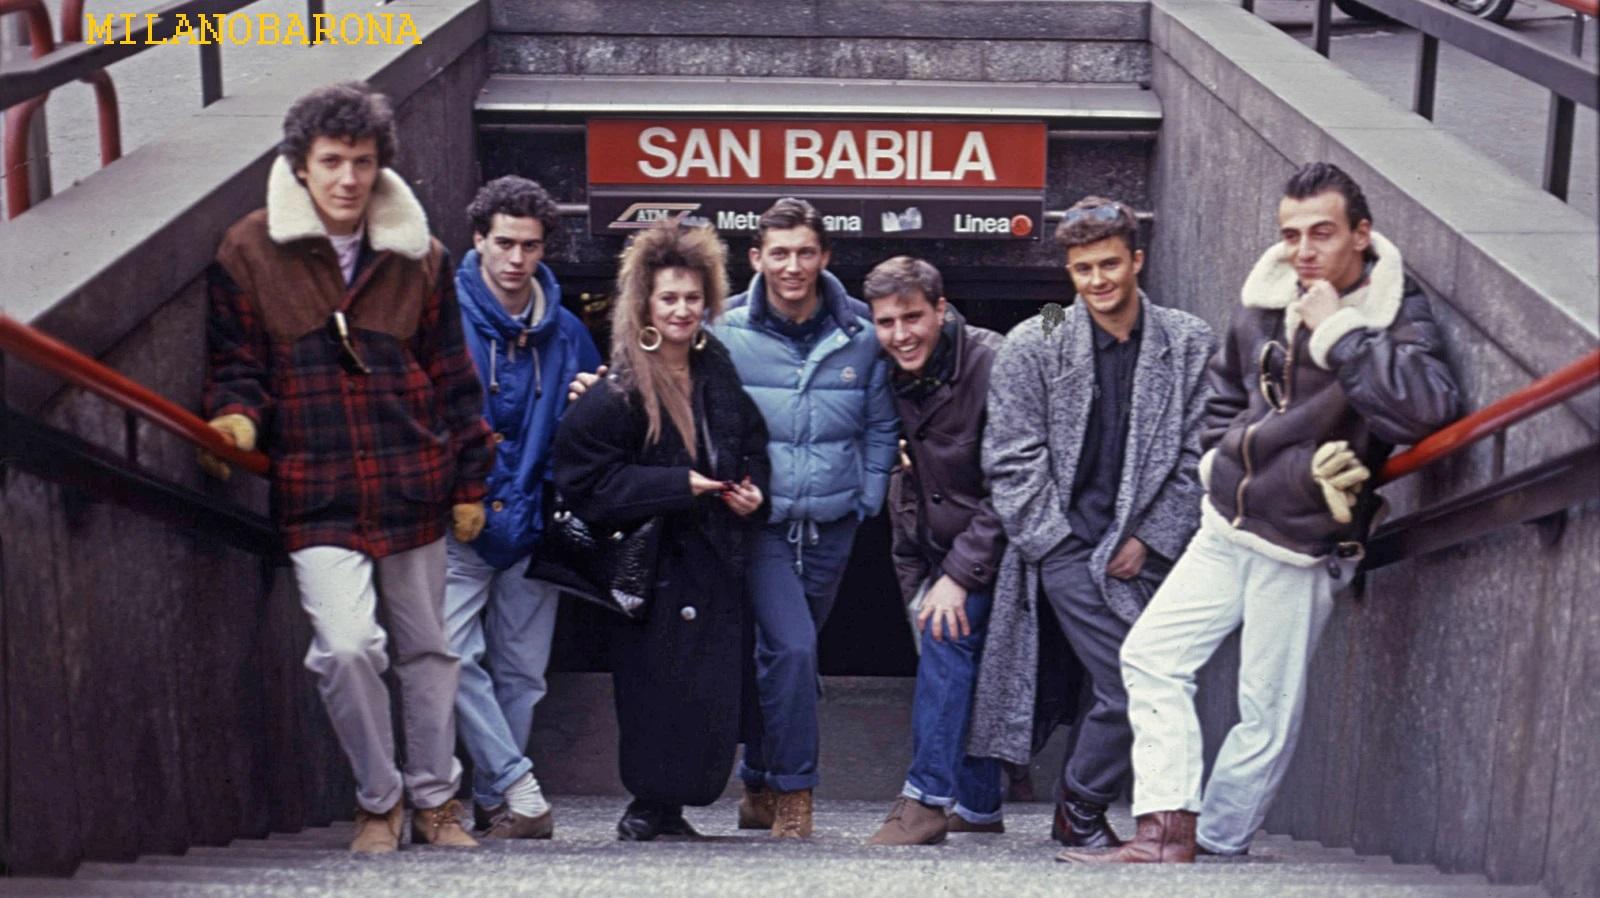 """""""Scampoli"""" della moda """"paninara"""" nell'Otttobre 1987 (siamo, per quanto riguarda Milano, alla fine di questa tendenza giovanile). Notare che l'abbigliamento paninaro incomincia ad uscire dagli schemi iniziali. La ragazza ha un """"look"""" già differenziato e probabilmente ispirato da """"Valerie Dore"""" (Monica Stucchi, Milano Maggio 1963) la cui produzione discografica aveva molto successo nel periodo giovanile ritratto nell'immagine). (fonte web vice.com)"""